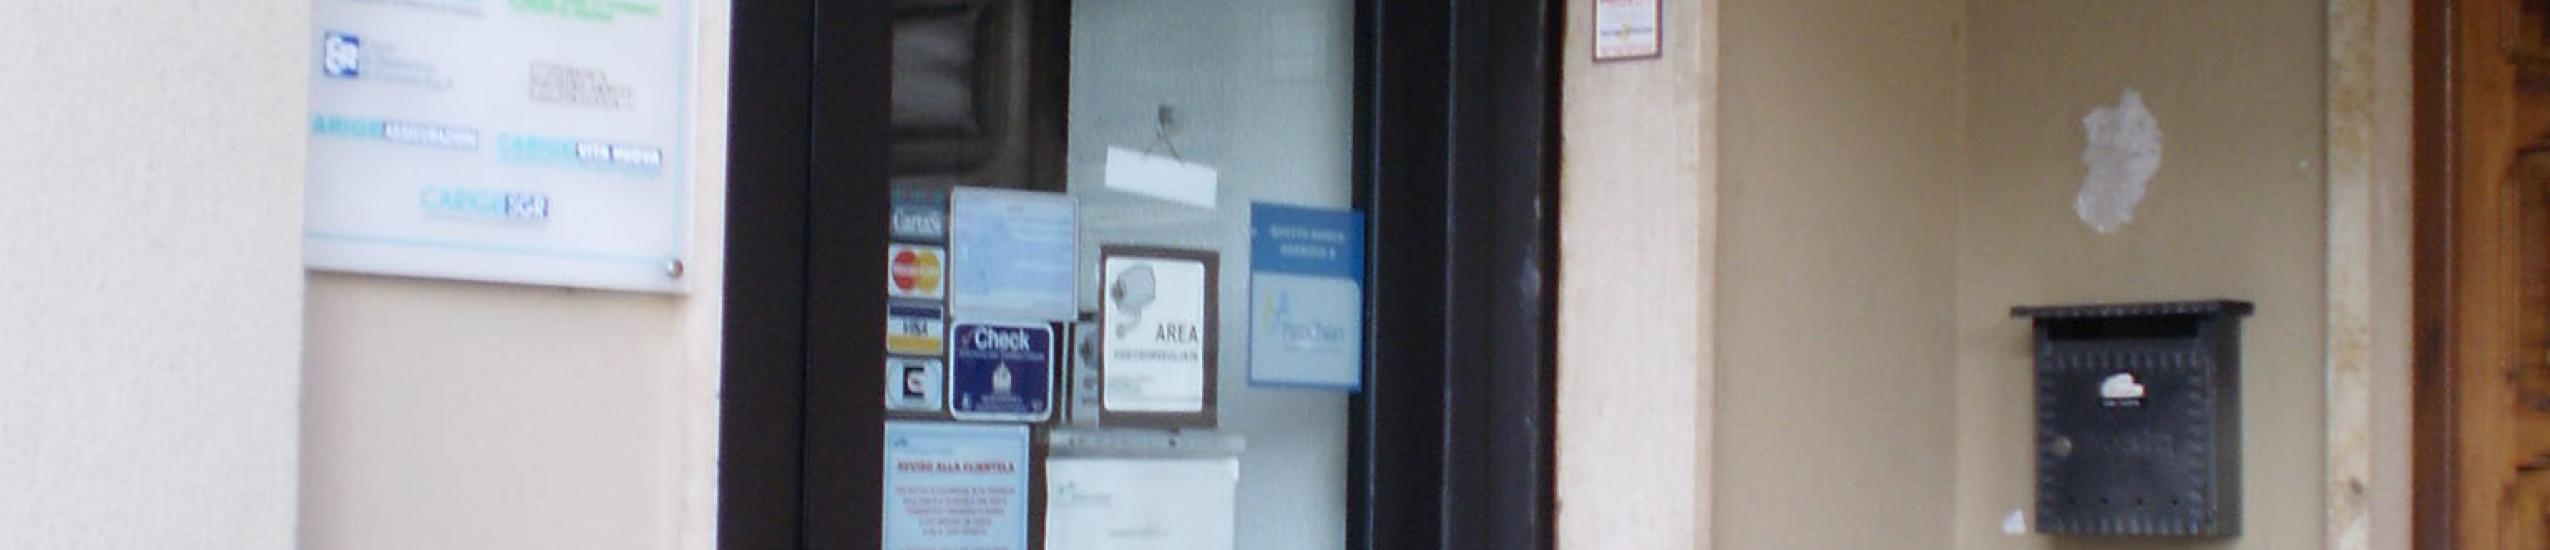 accesso alla banca